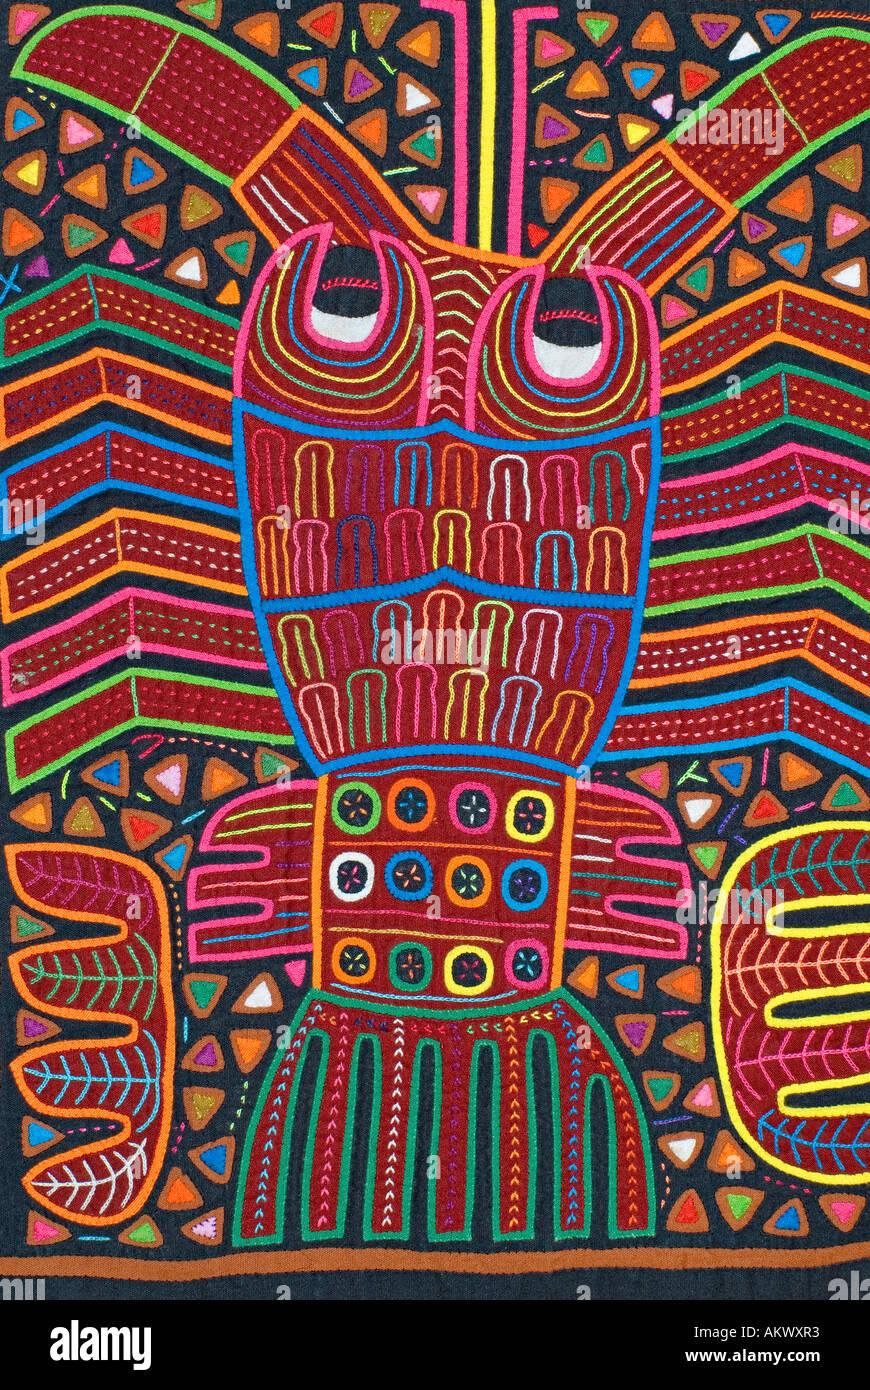 Applique decorazione applicata a bluse Molas s degli Indiani Kuna isole San  Blas Panama Lobster Pesce 8e04a20eea48